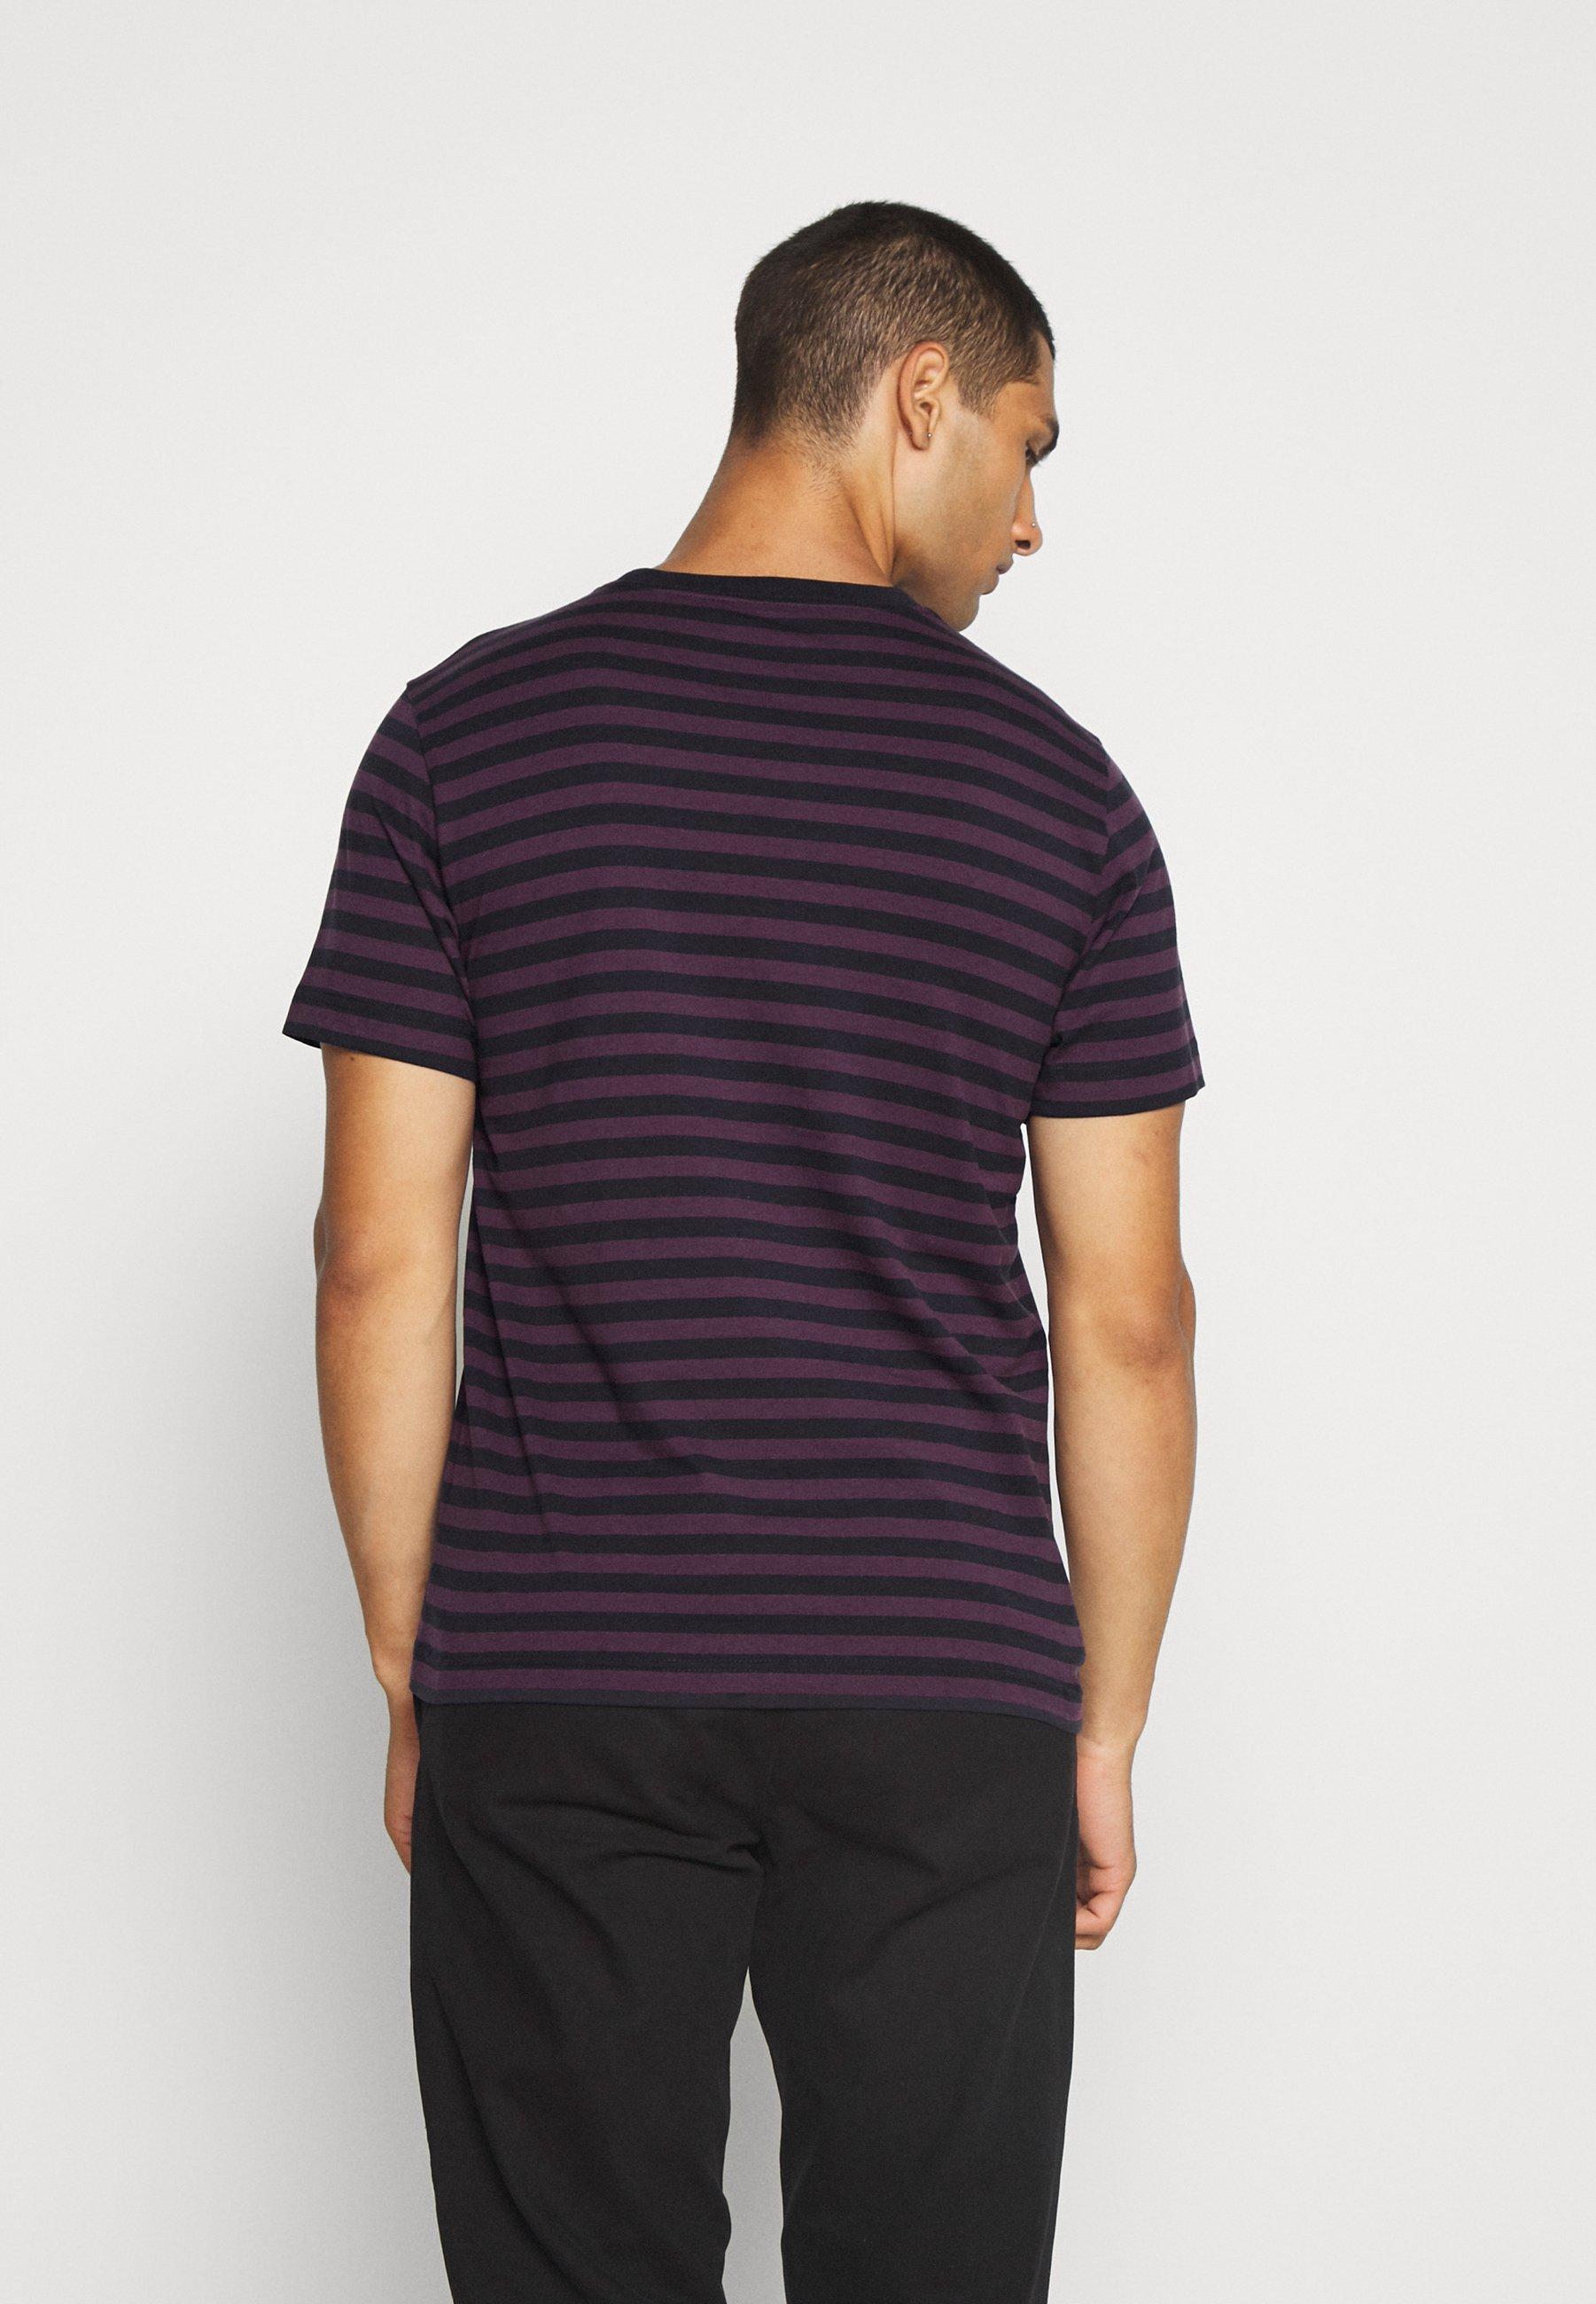 Carhartt Wip Parker Pocket - T-shirts Med Print Dark Navy/boysenberry